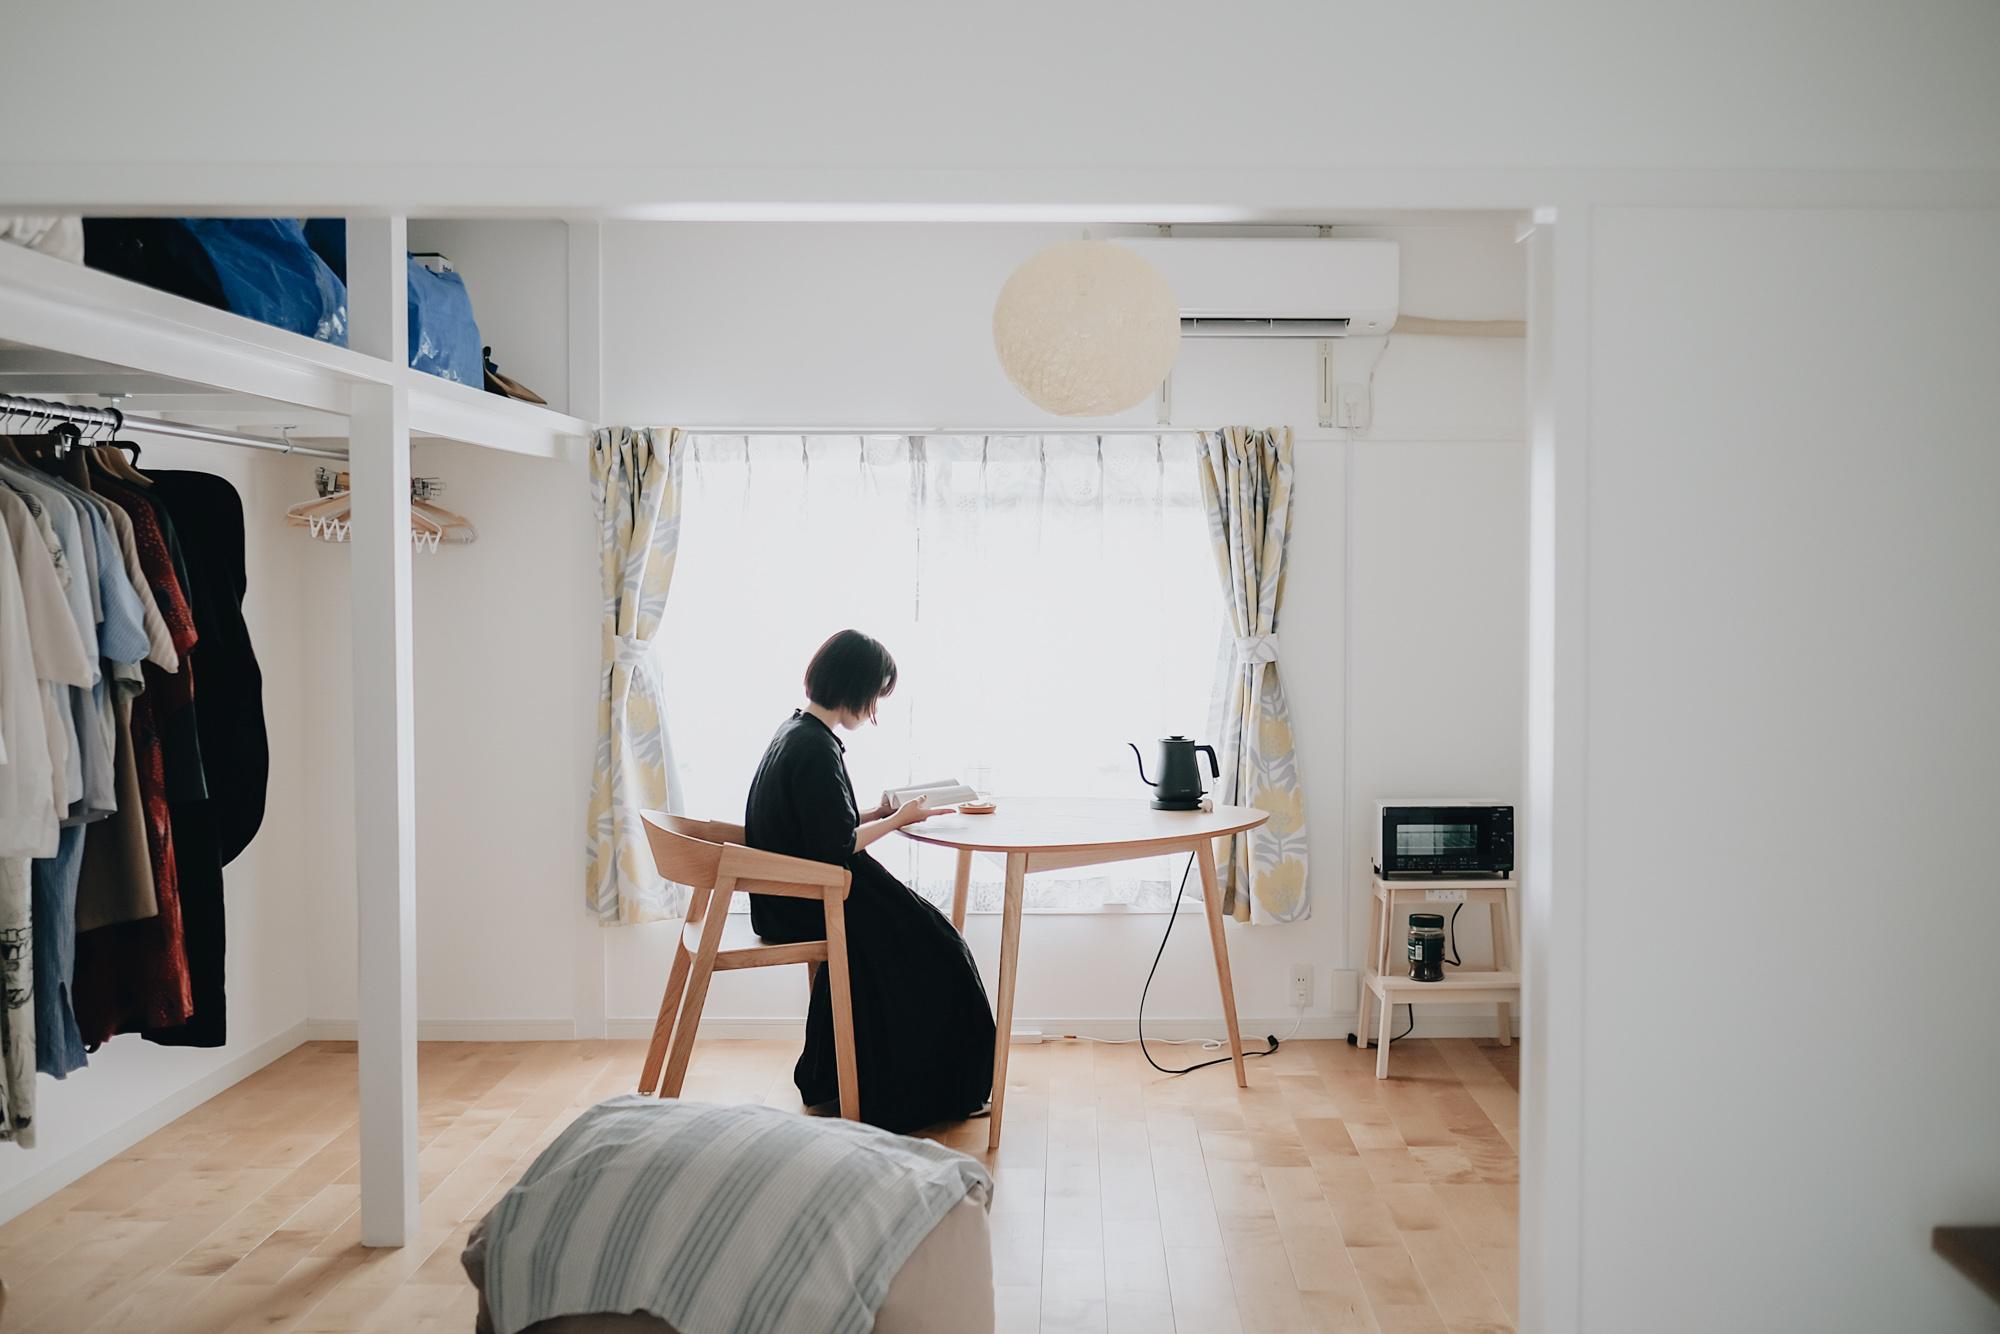 ゆったりとした間取りと静かな環境が魅力的な団地リノベのお部屋。無垢フローリングの開放的な1LDKで素敵に暮らしていらっしゃる一人暮らしのお部屋を拝見しました。